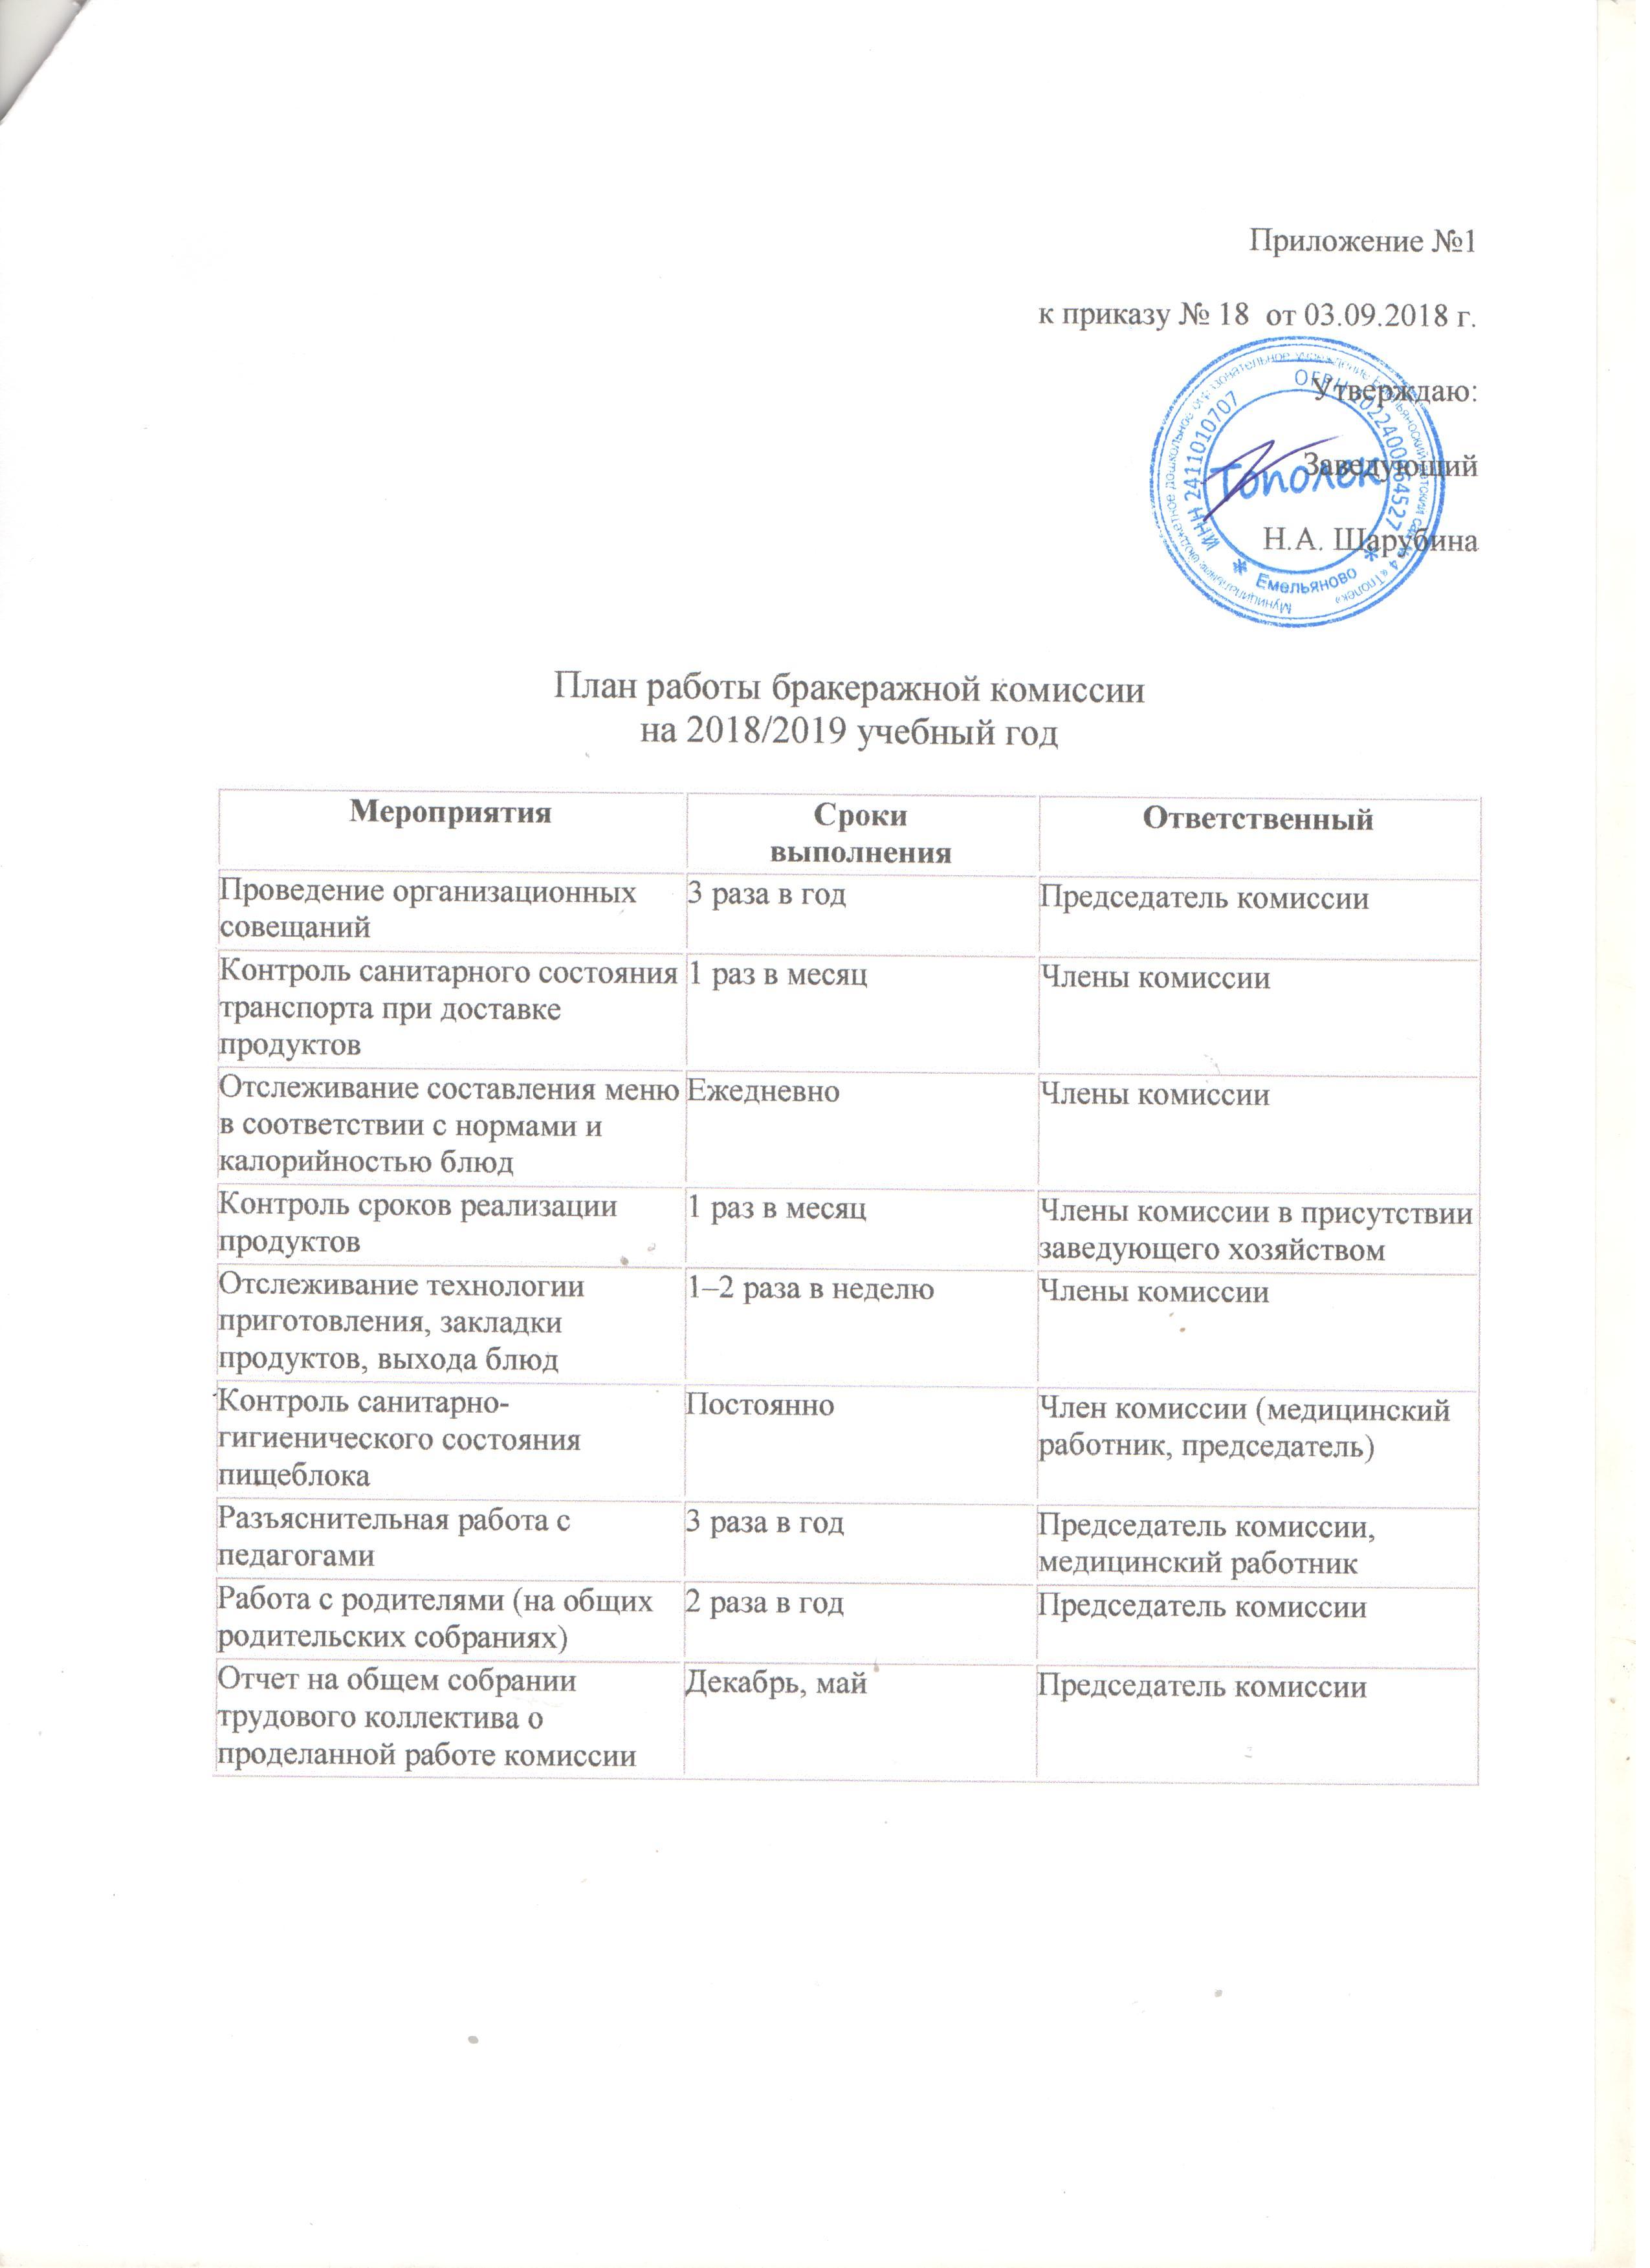 План работы бракеражной комиссии 2018-2019 уч.год